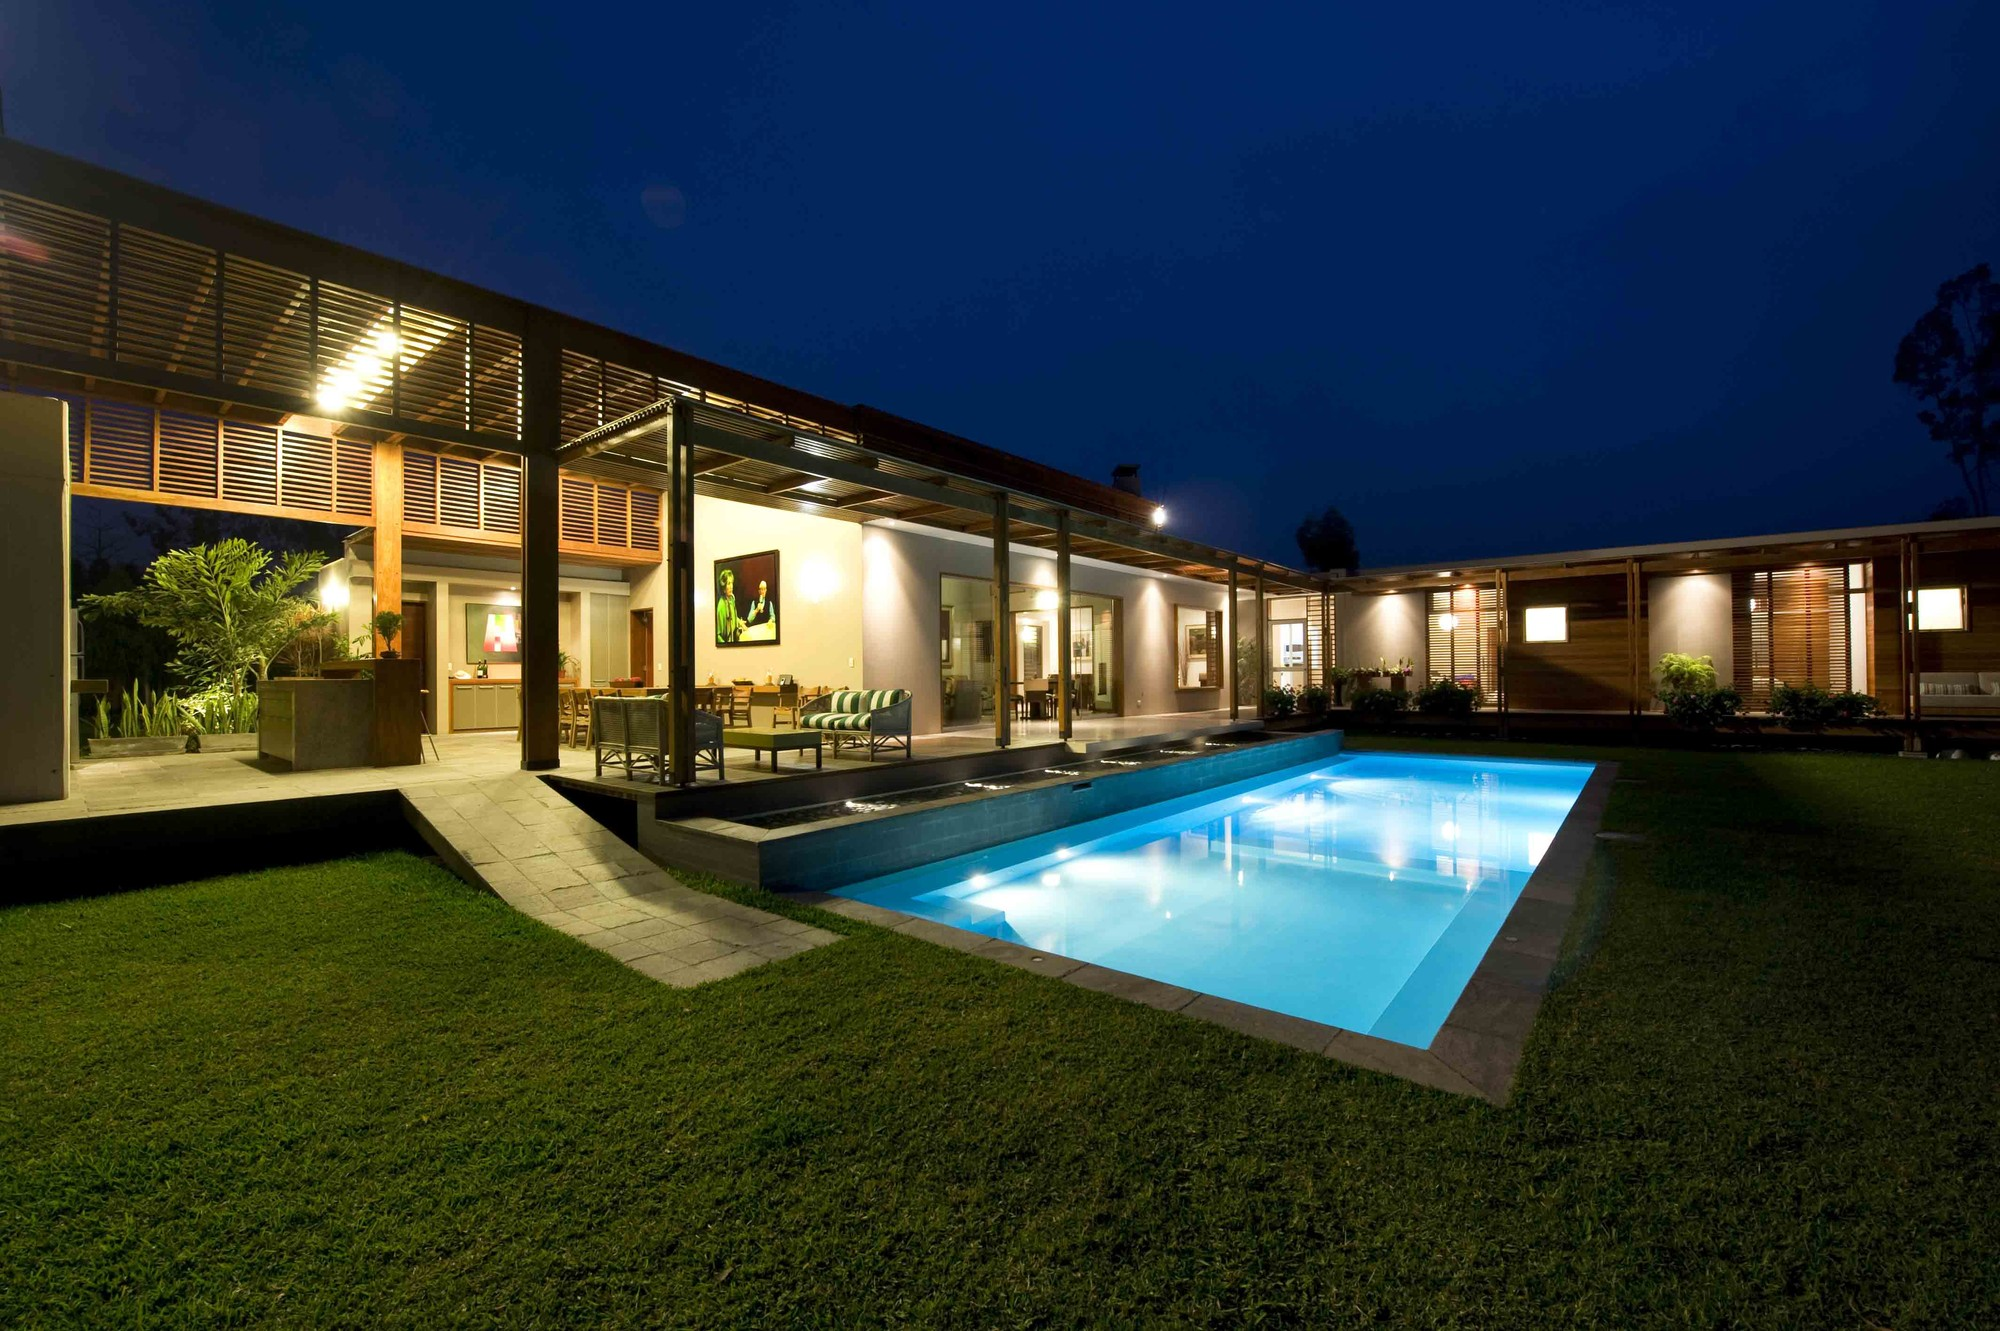 Casa de campo el ombu oscar gonzalez moix plataforma for Fotos casas de campo con piscina